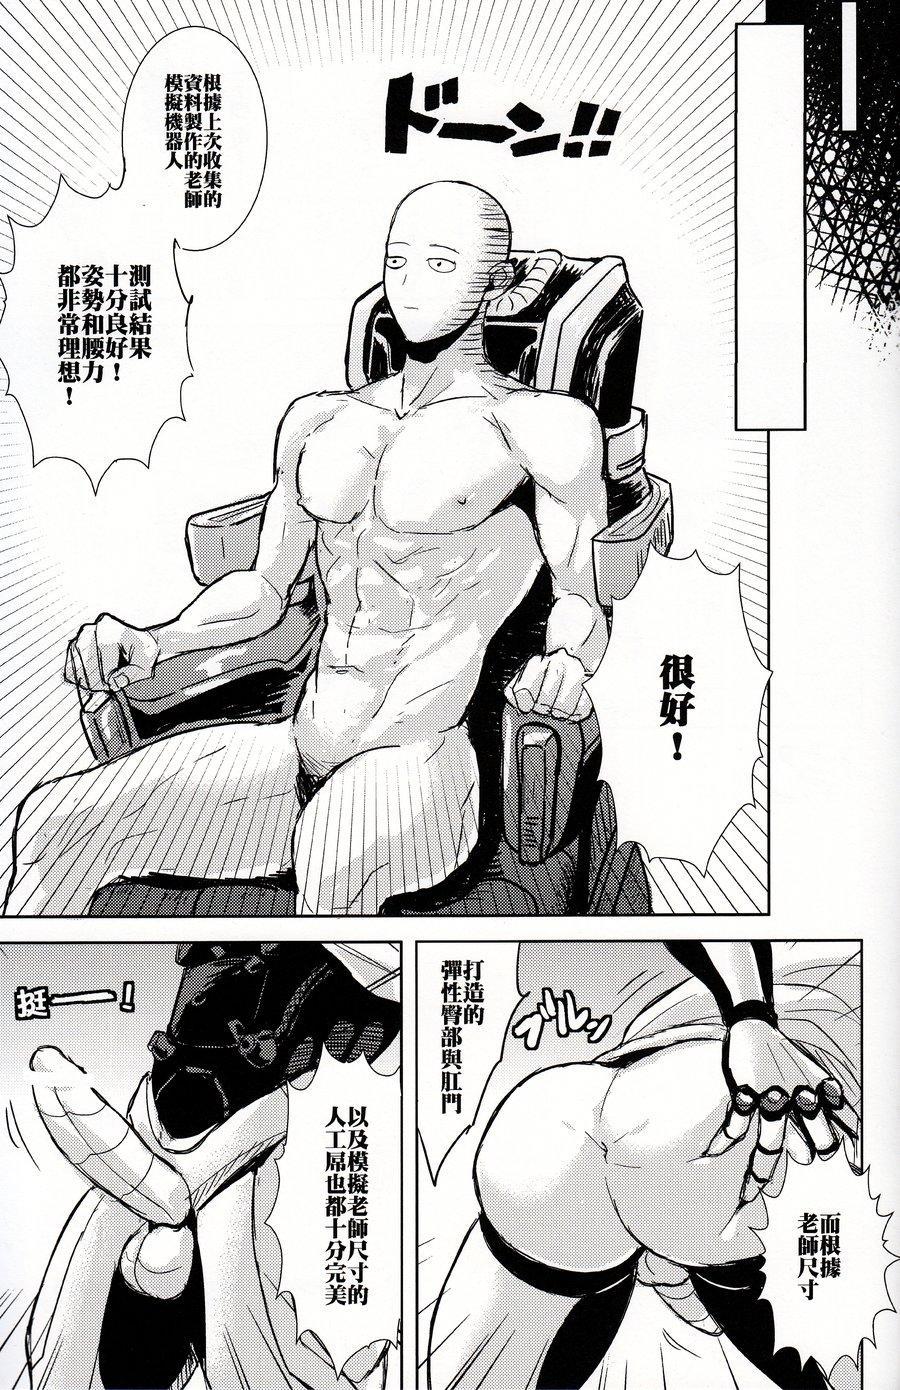 Sensei no Kokan no Kiki wa Ore ga Haijo Shimasu 22